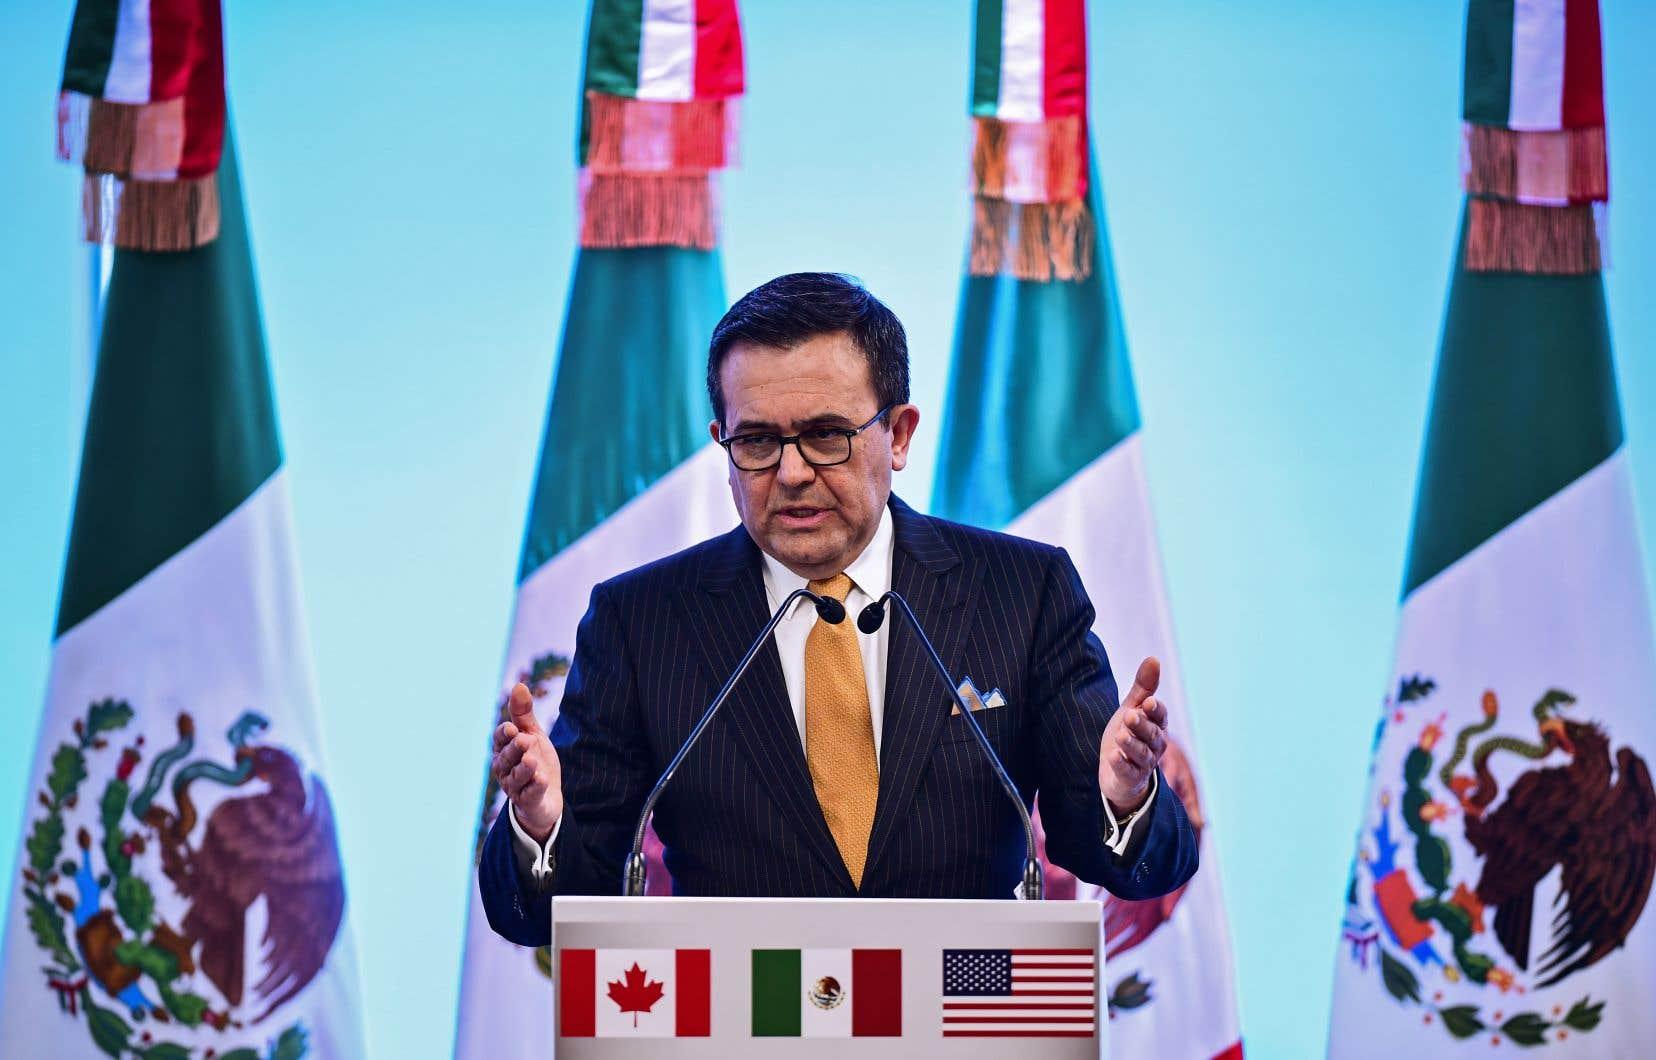 Le ministre mexicain de l'Économie, Ildefonso Guajardo